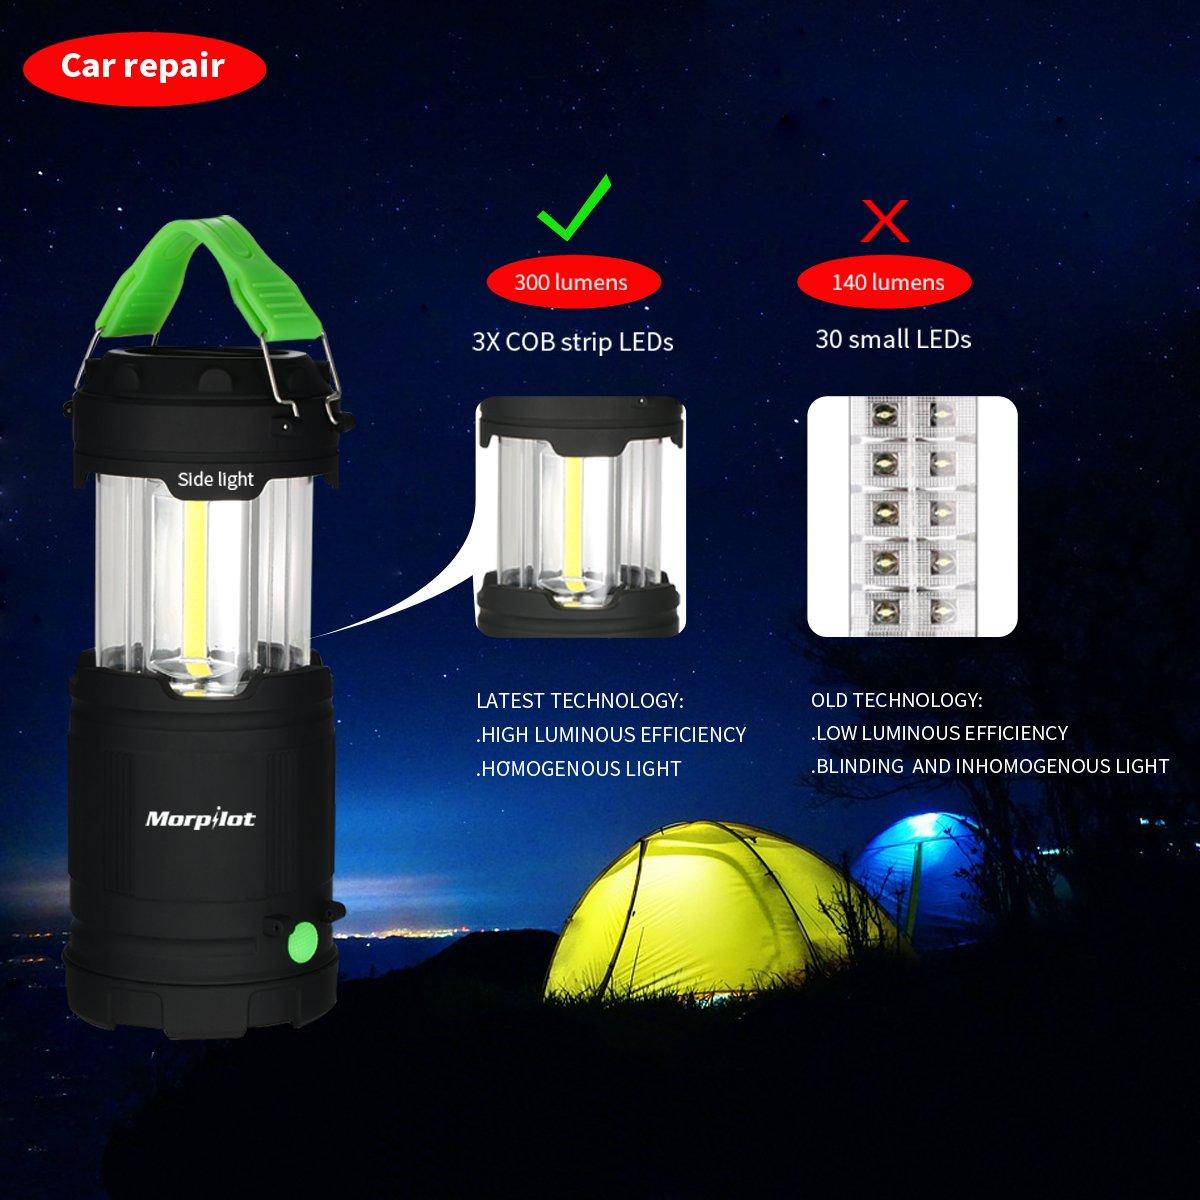 lampara de camping Morpilot